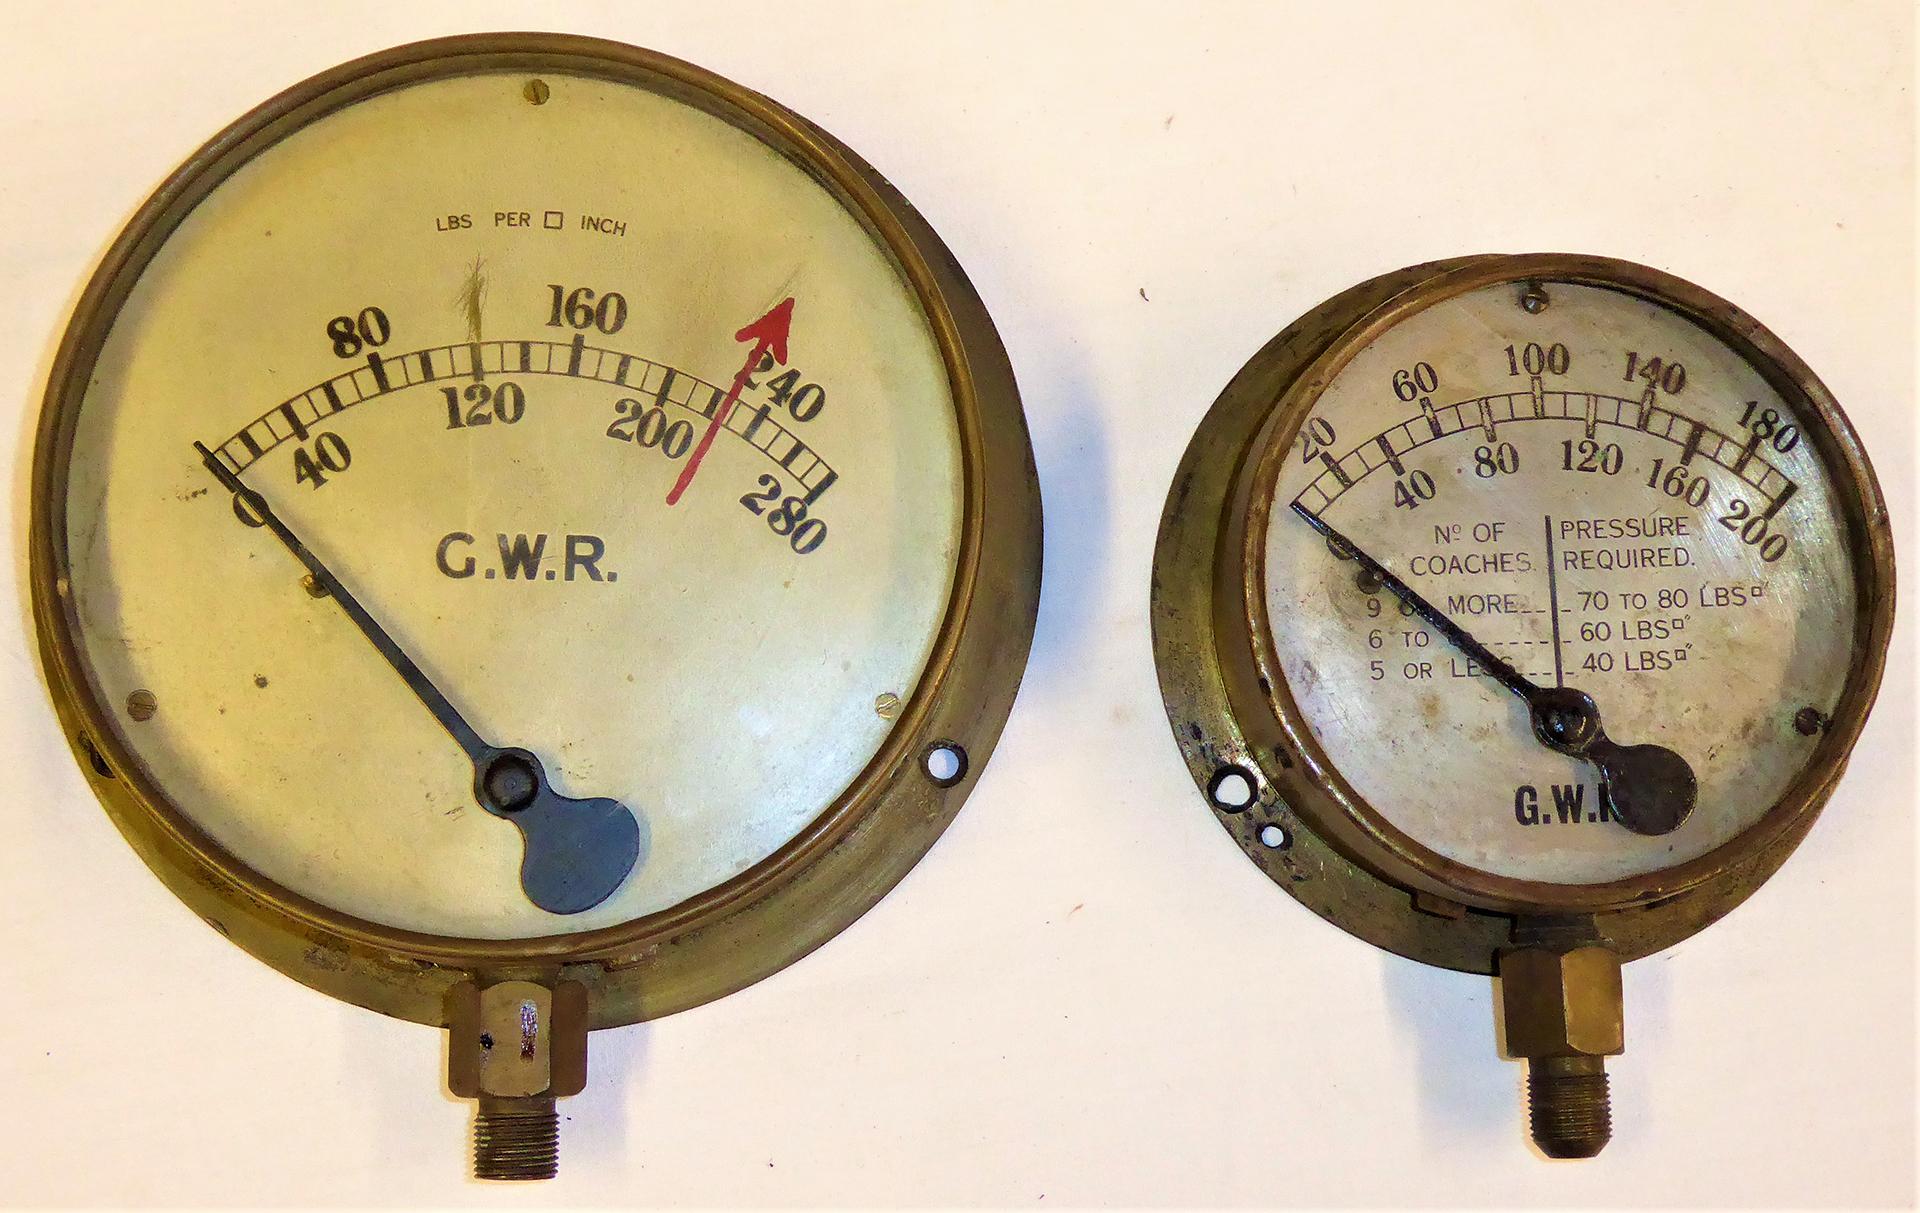 2 X Locomotive Brass Pressure Gauges. GWR 0 - 280